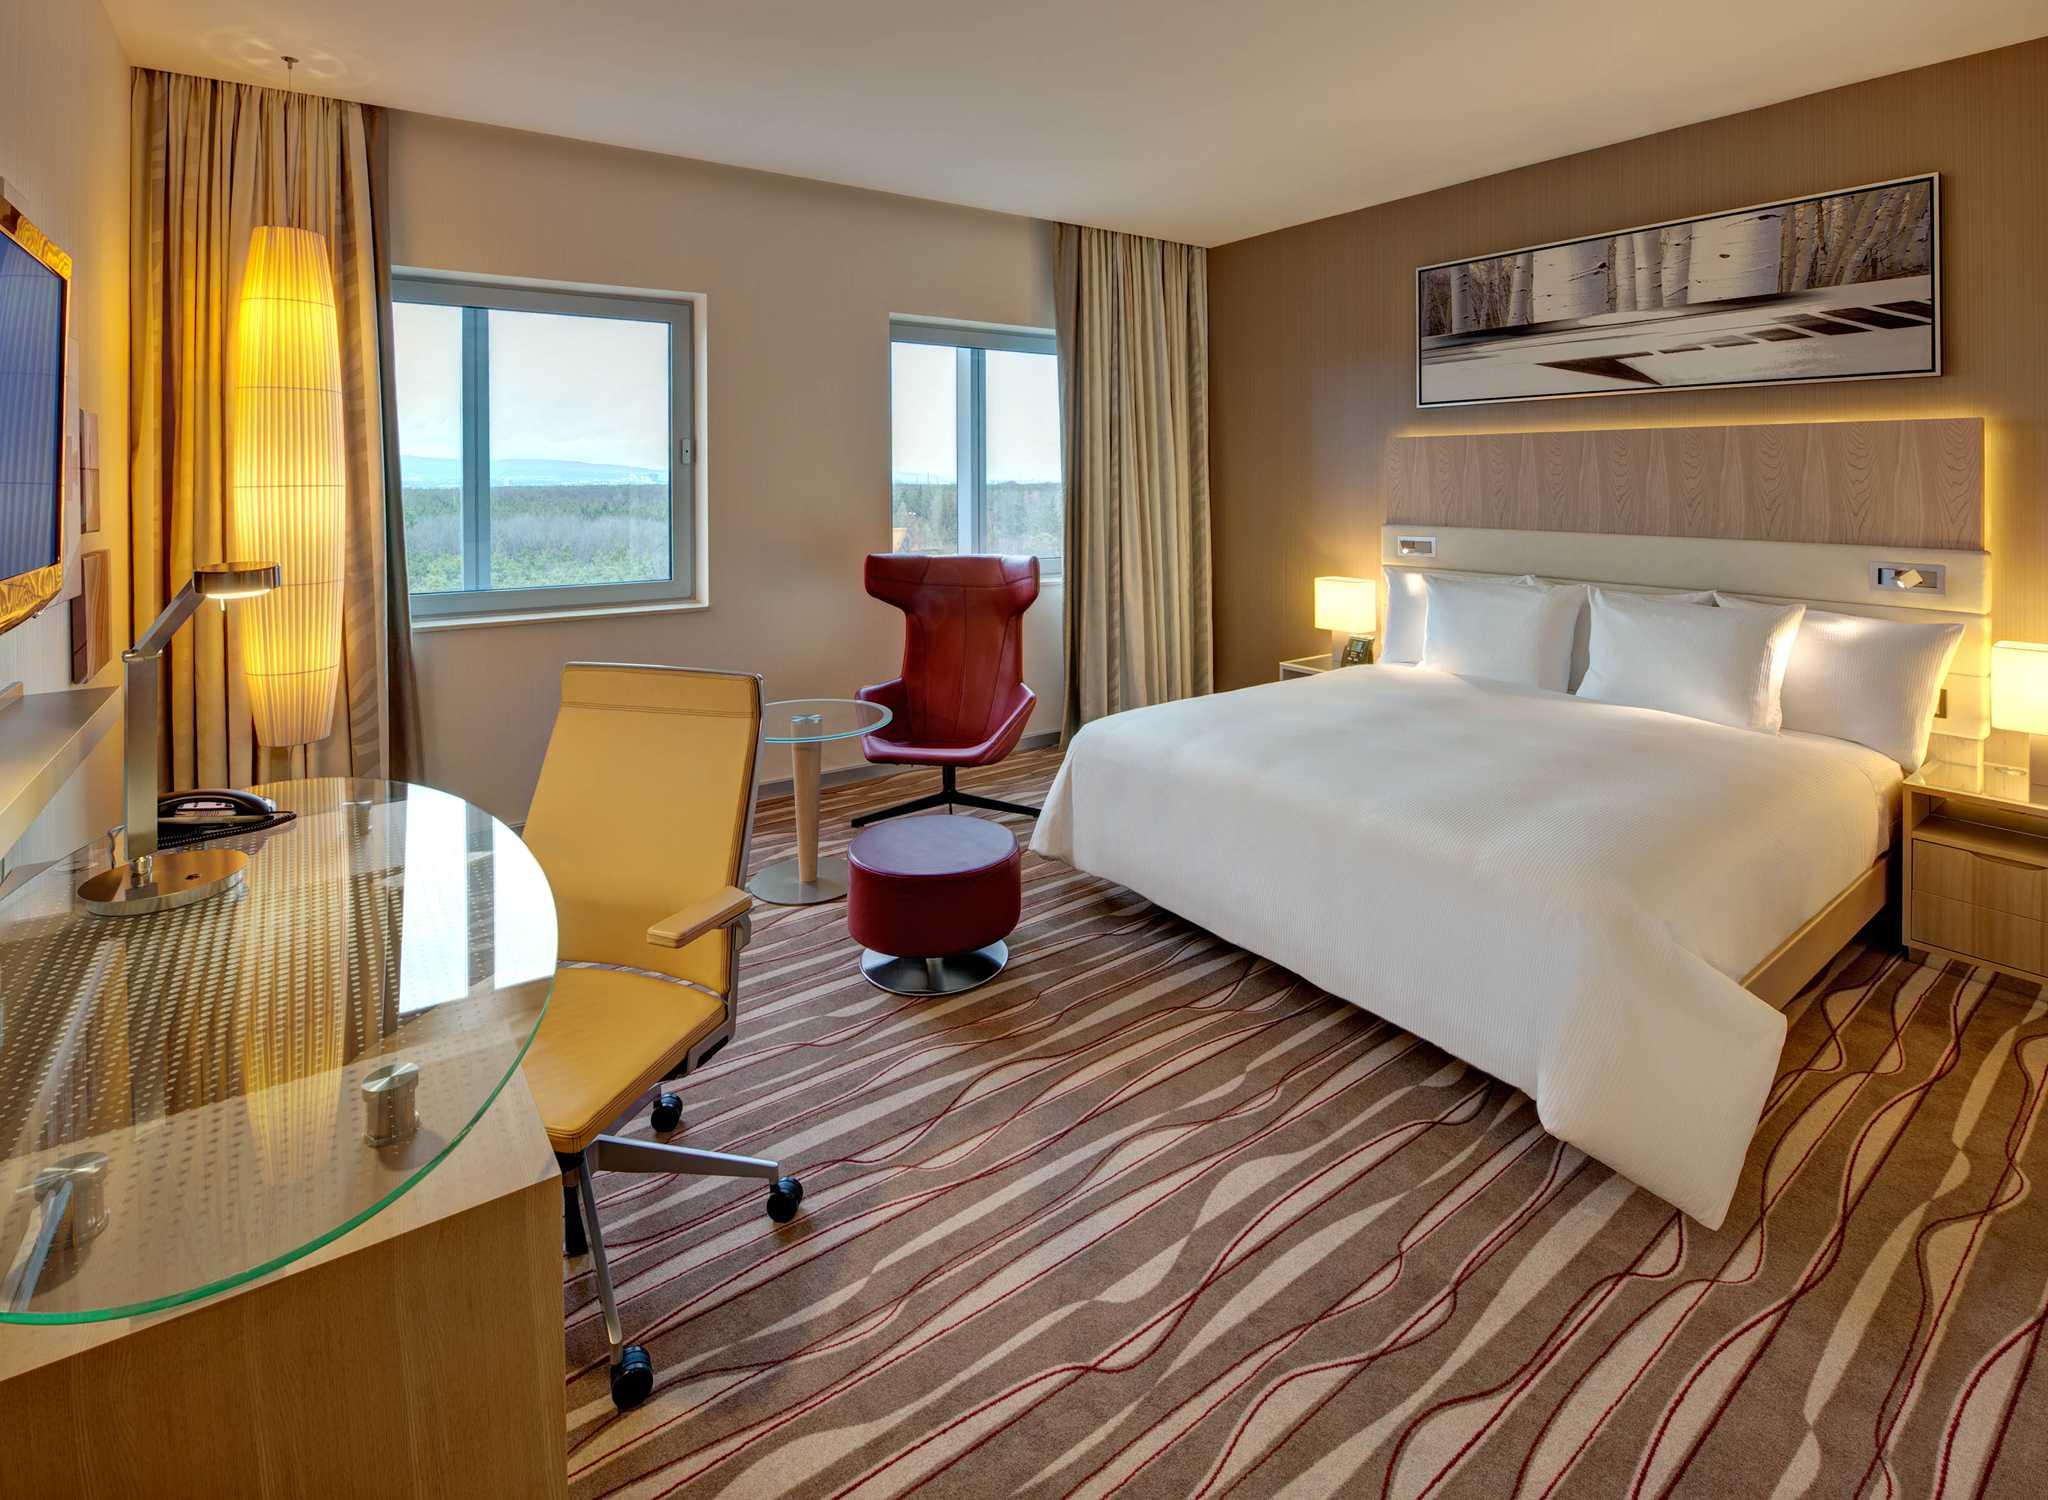 hilton frankfurt airport flughafenhotels in frankfurt. Black Bedroom Furniture Sets. Home Design Ideas